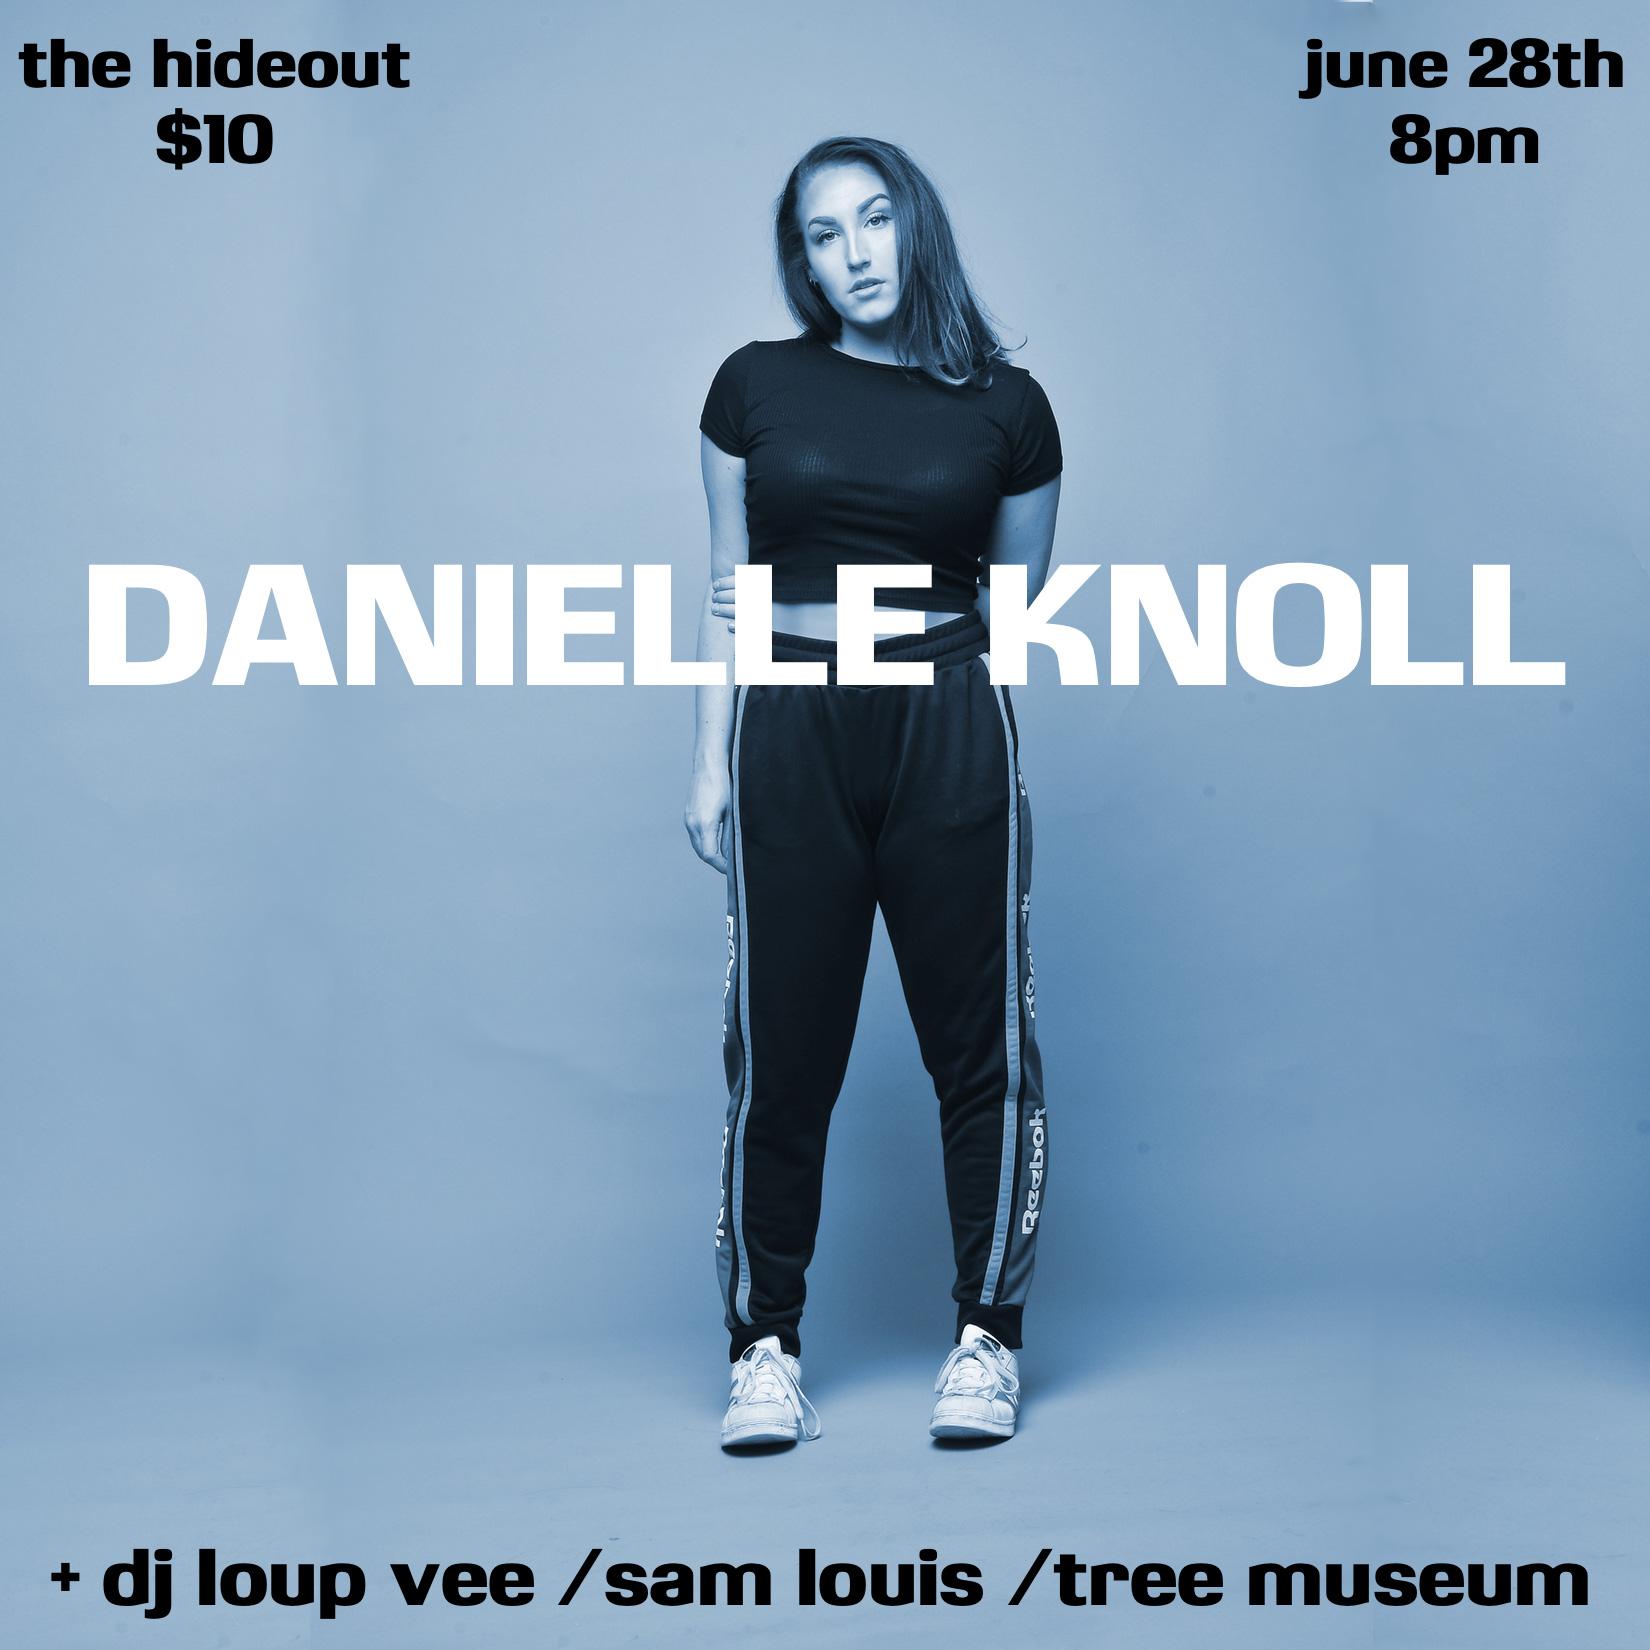 DanielleKnoll-19jun28-lrg.jpg